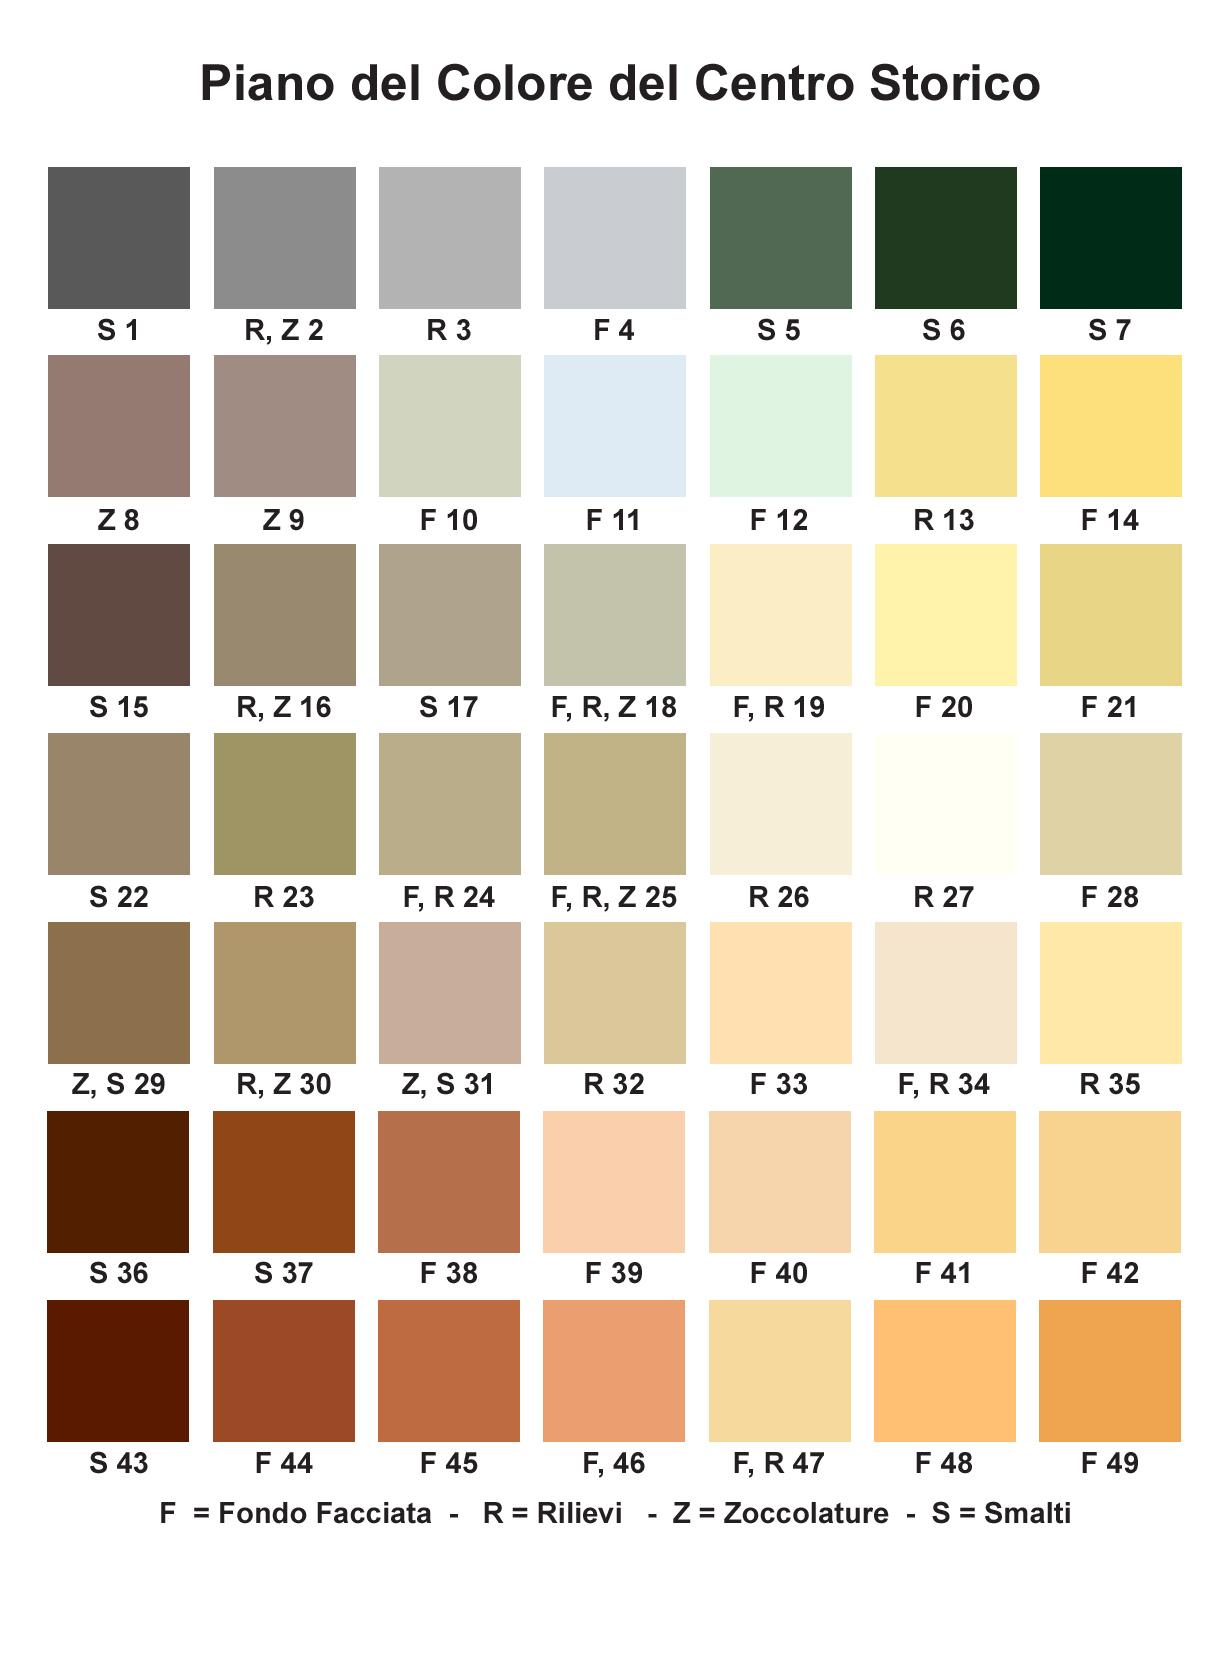 Comune di pesaro piano del colore centro storico for Tavole colori per pareti